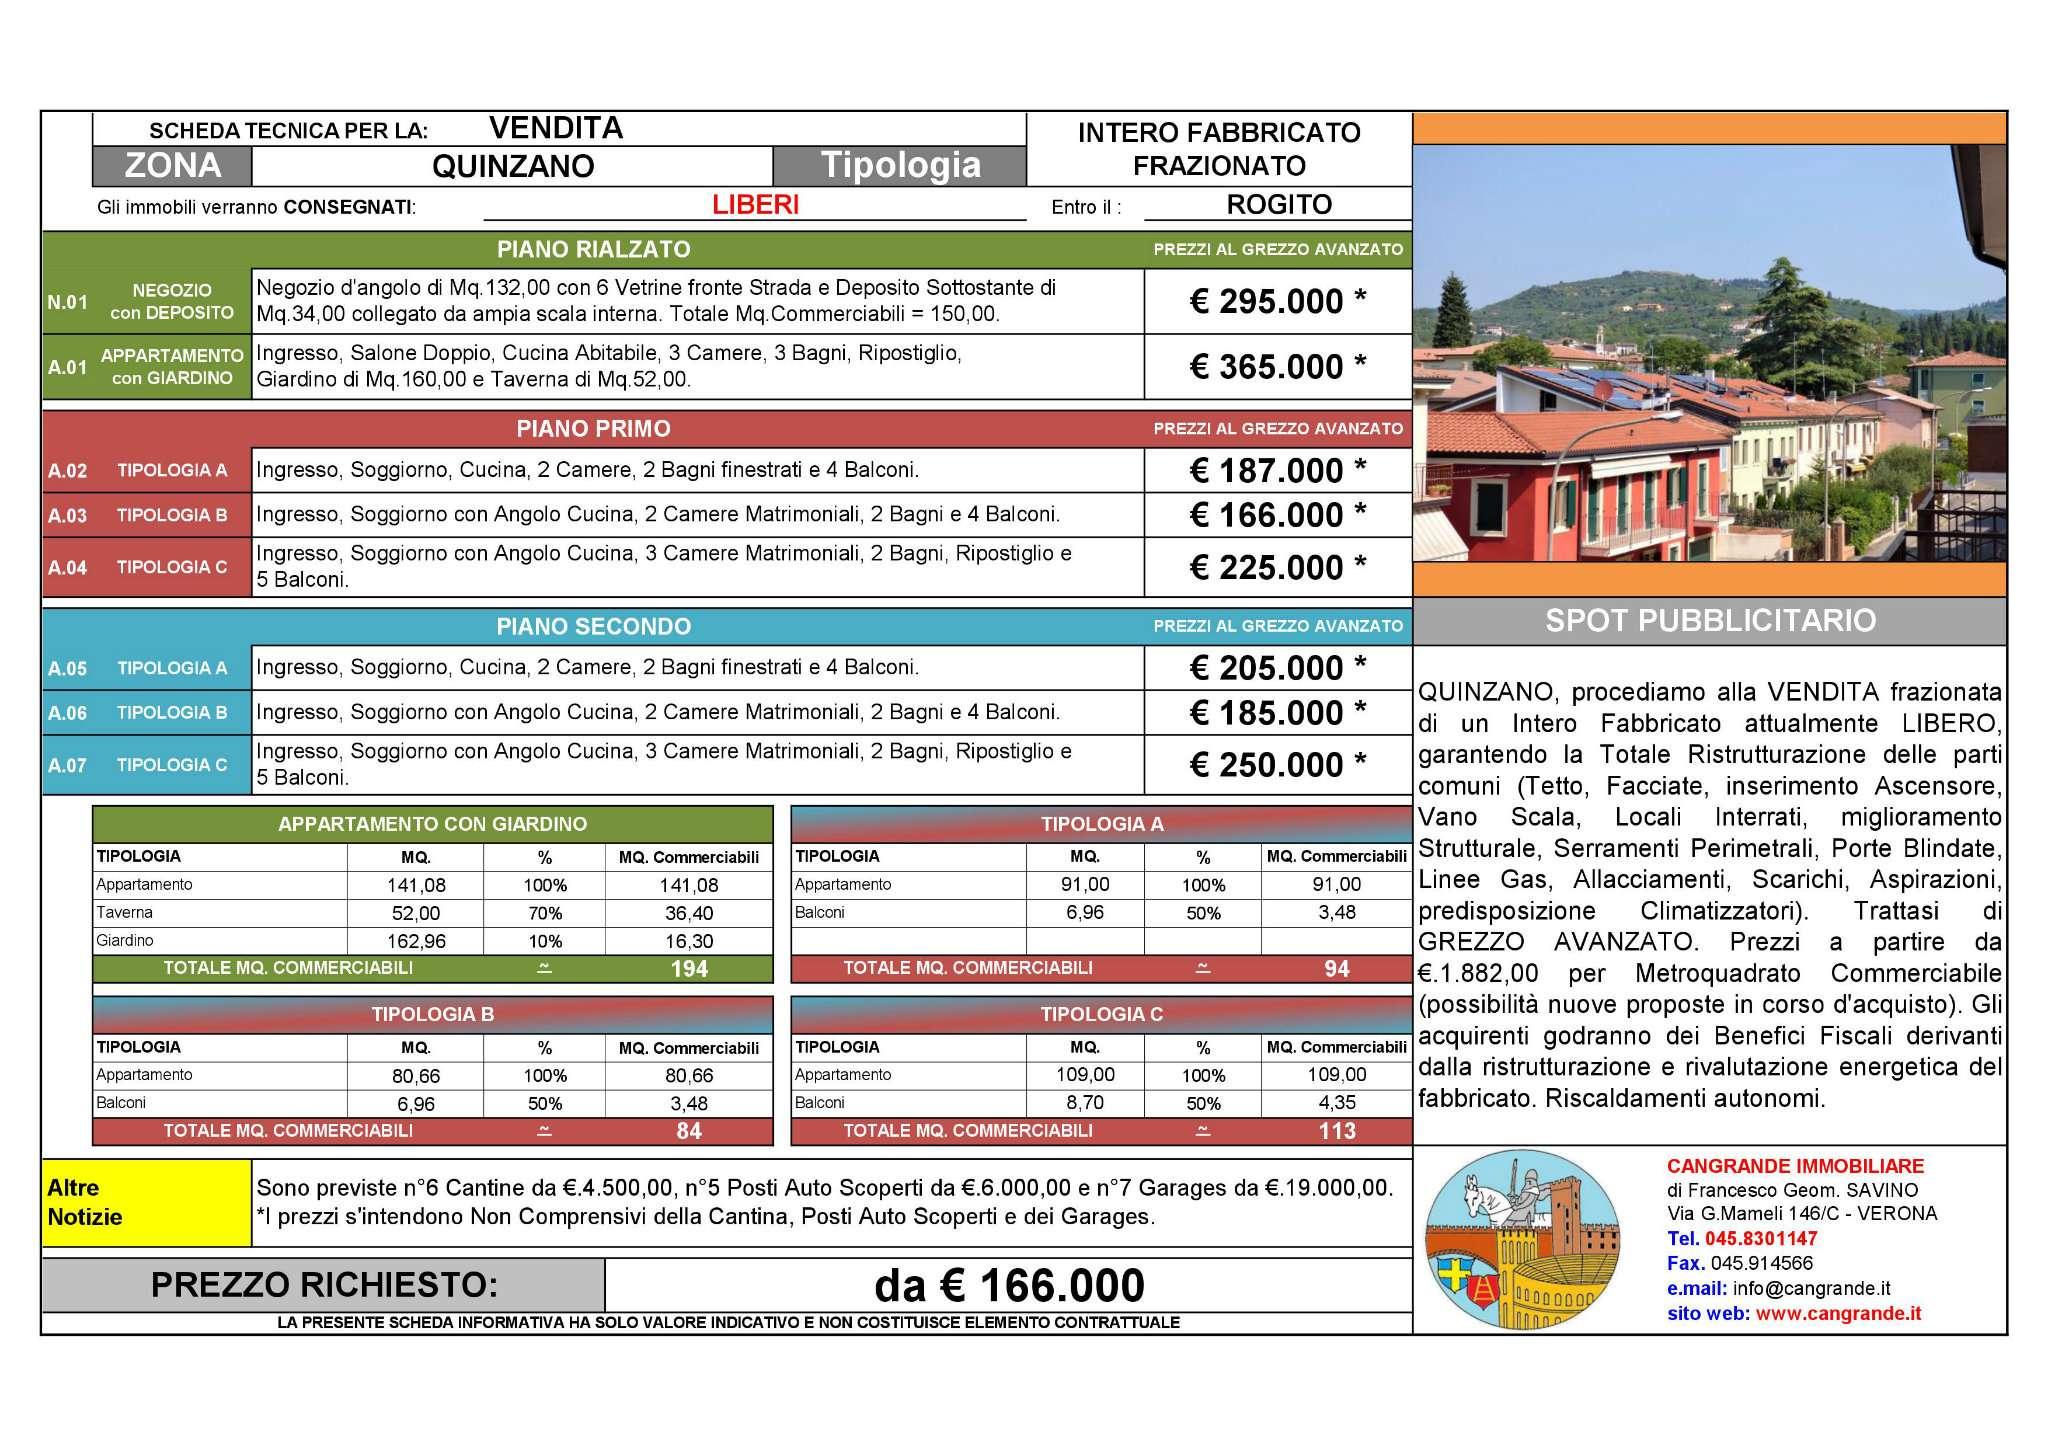 Appartamento, Quinzano, Vendita - Verona